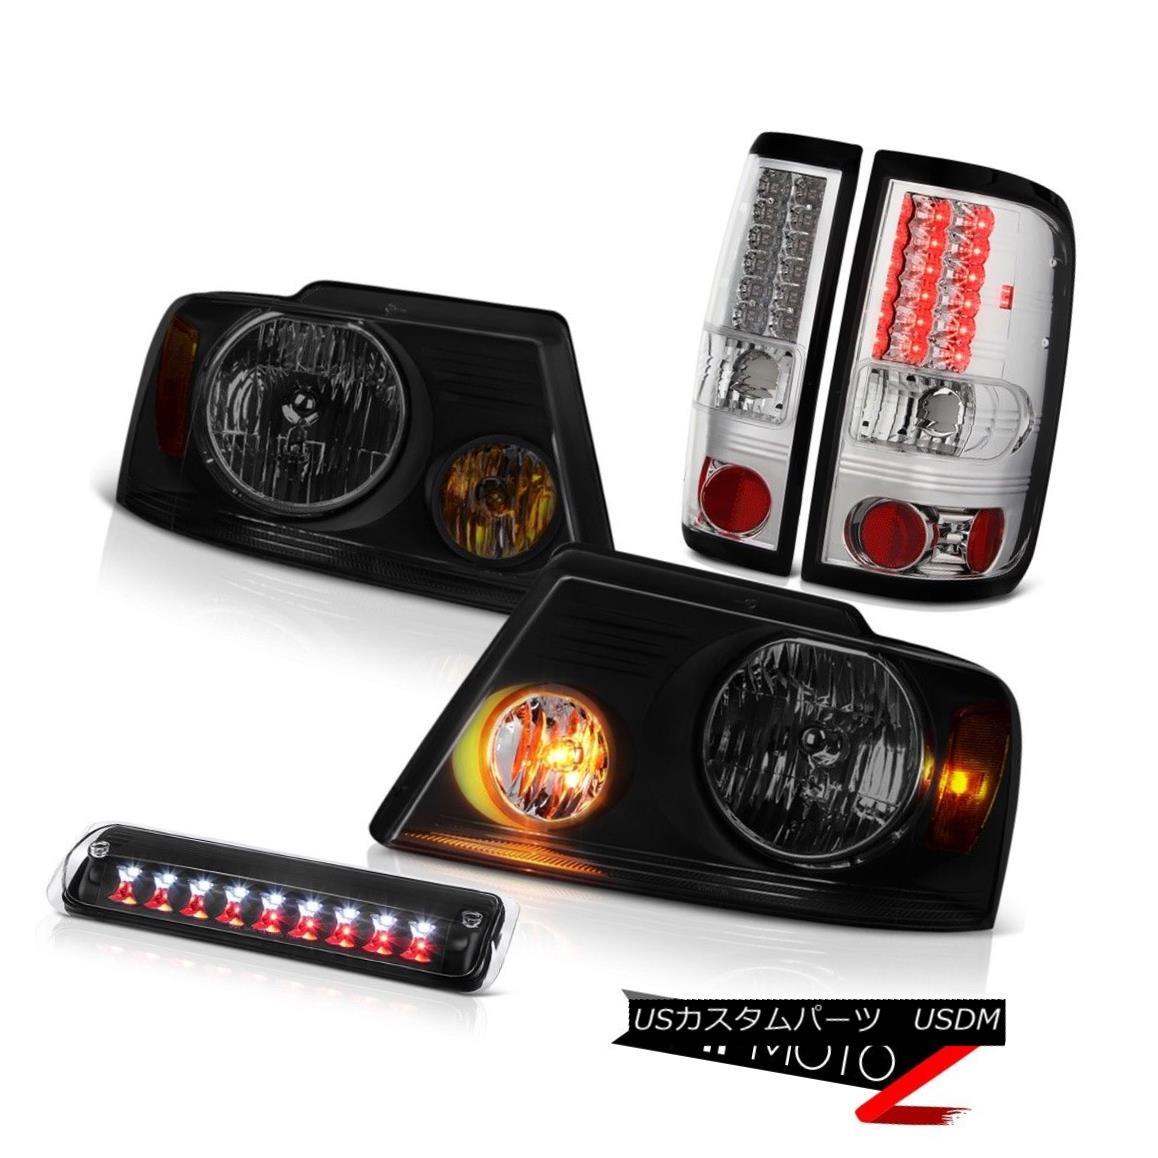 テールライト 04-08 Ford F150 FX4 Headlights Nighthawk Black Roof Cab Light Tail Brake Lamps 04-08 Ford F150 FX4ヘッドライトナイトホークブラックルーフキャブライトテールブレーキランプ